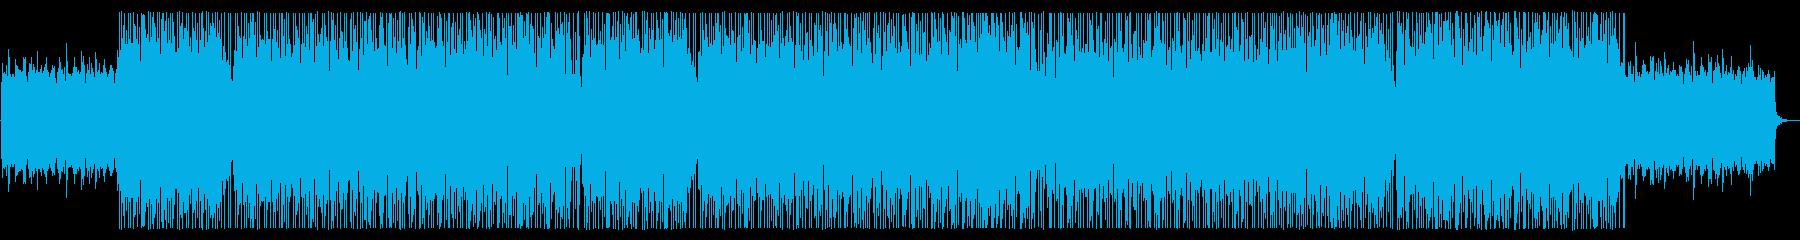 アジアンな広がりのあるシンセサイザーの曲の再生済みの波形